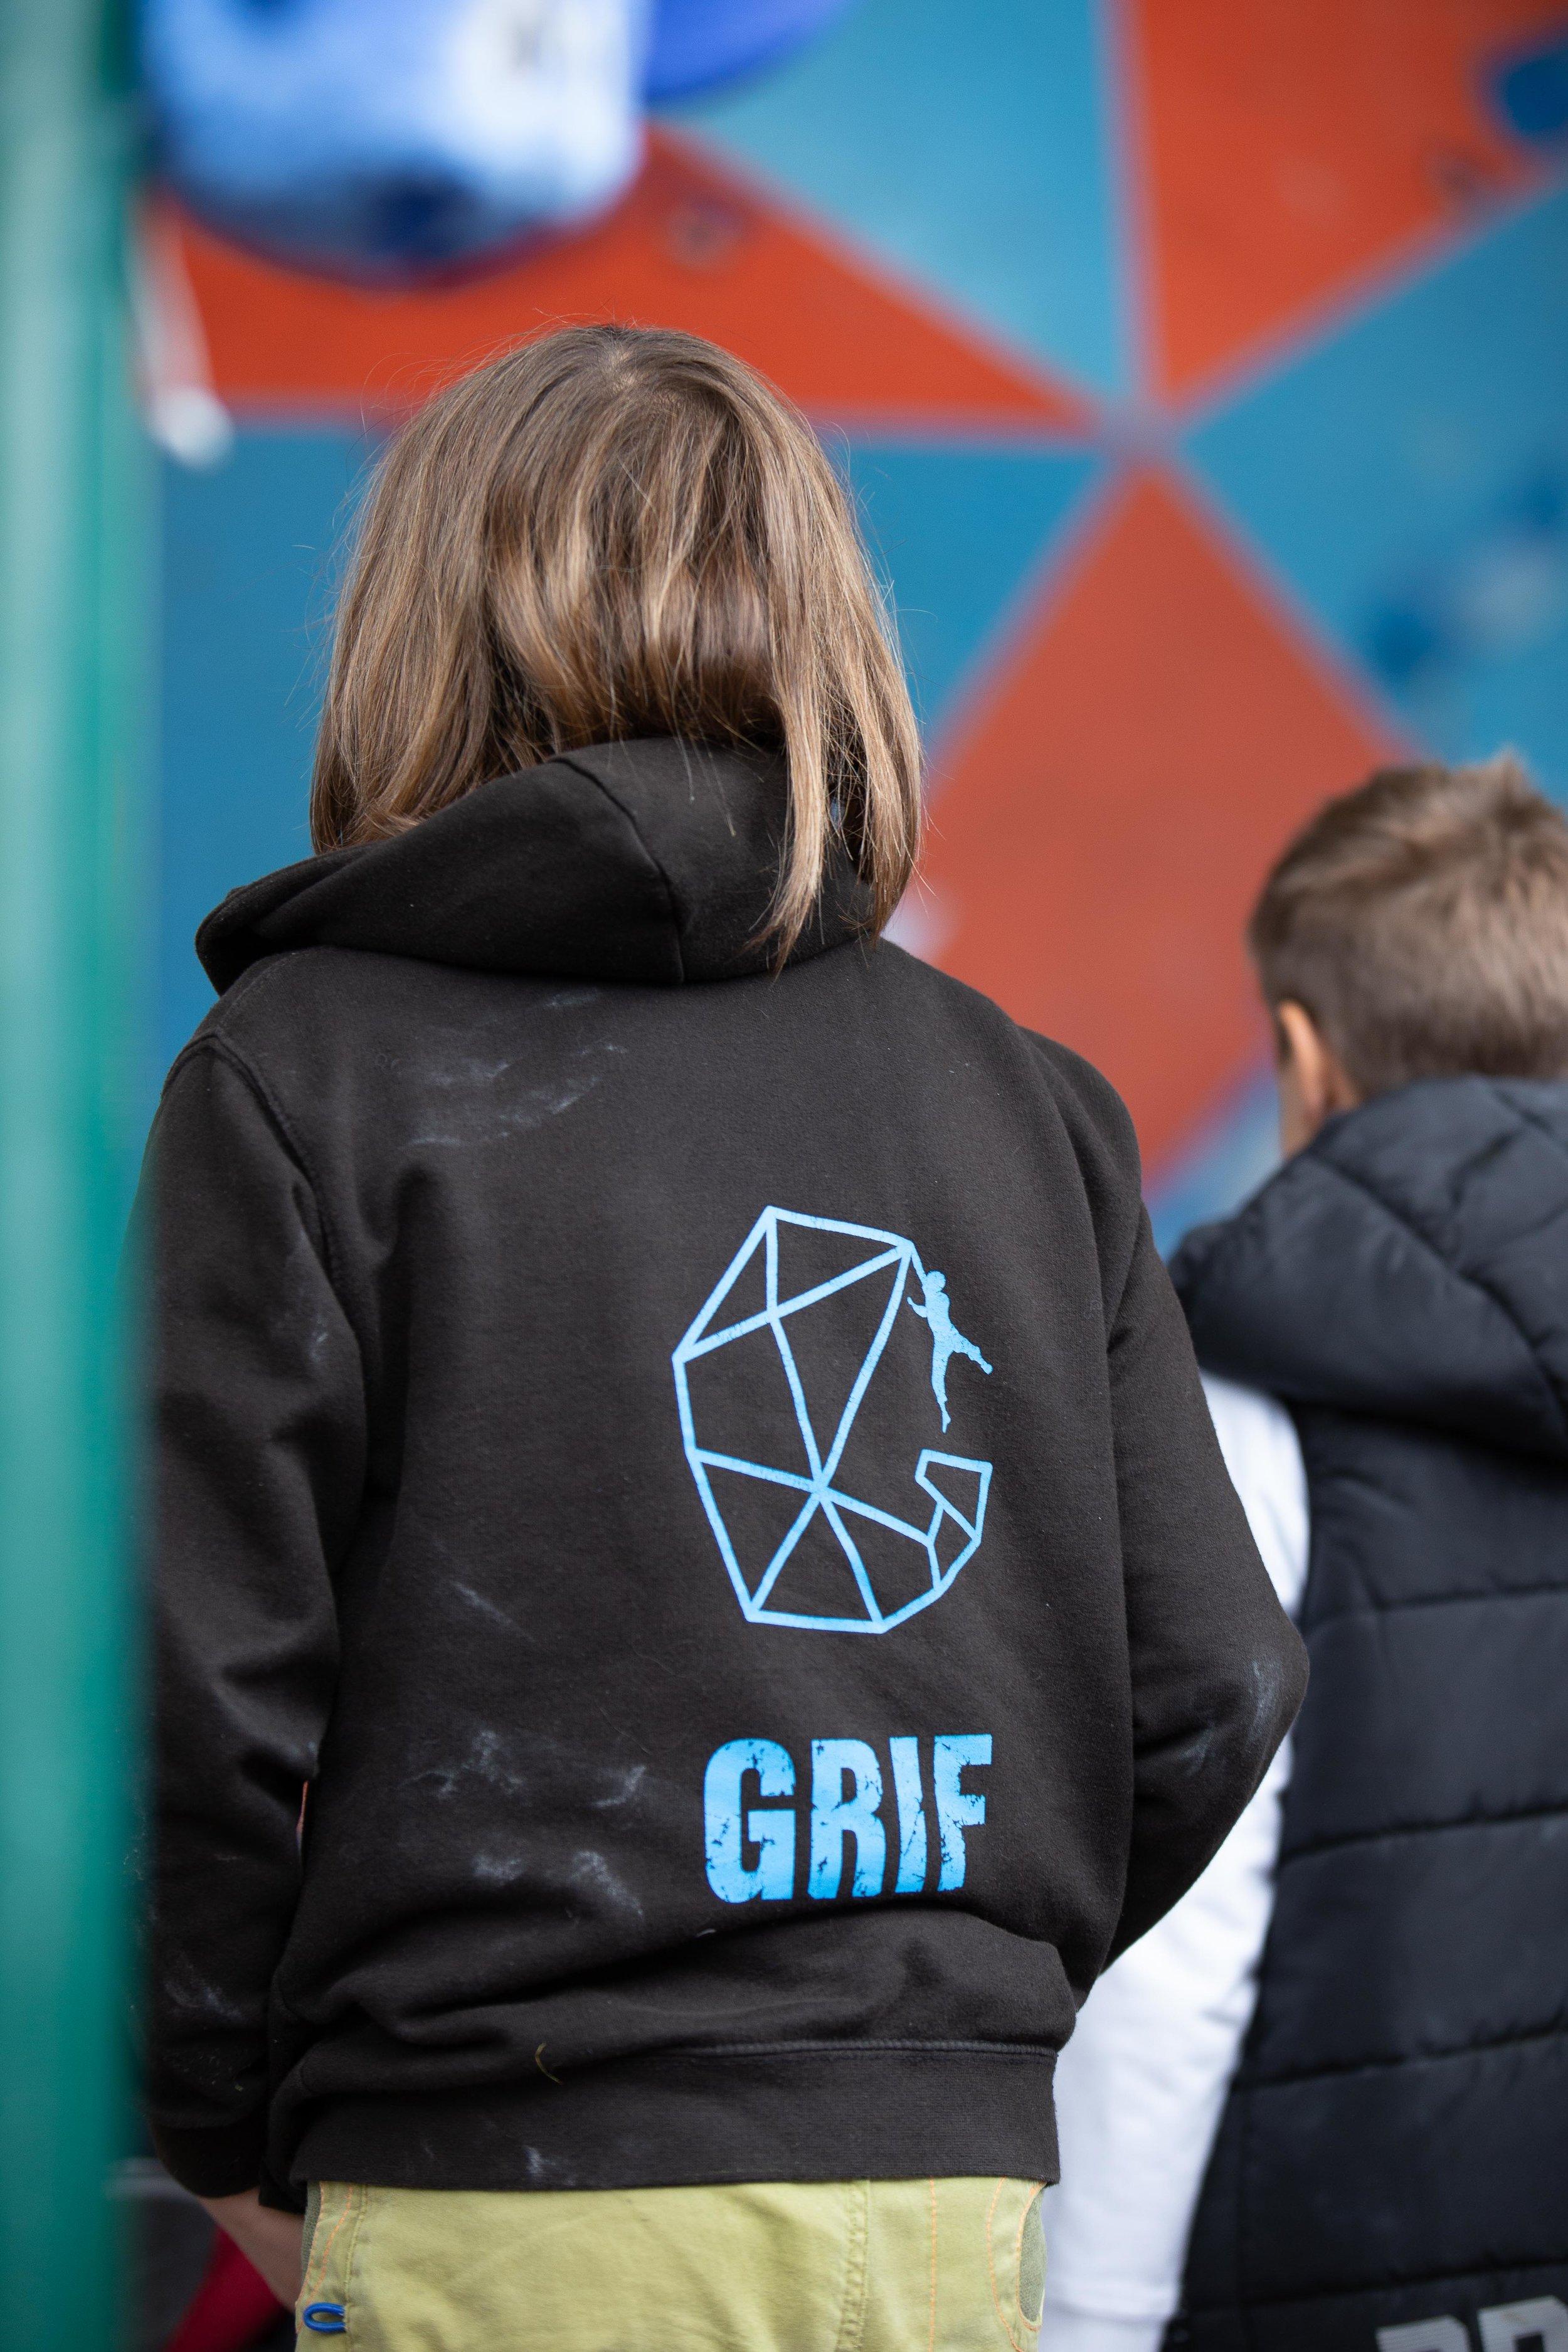 Plezalno društvo Grif državno prvenstvo balvani september 2019_3.jpg